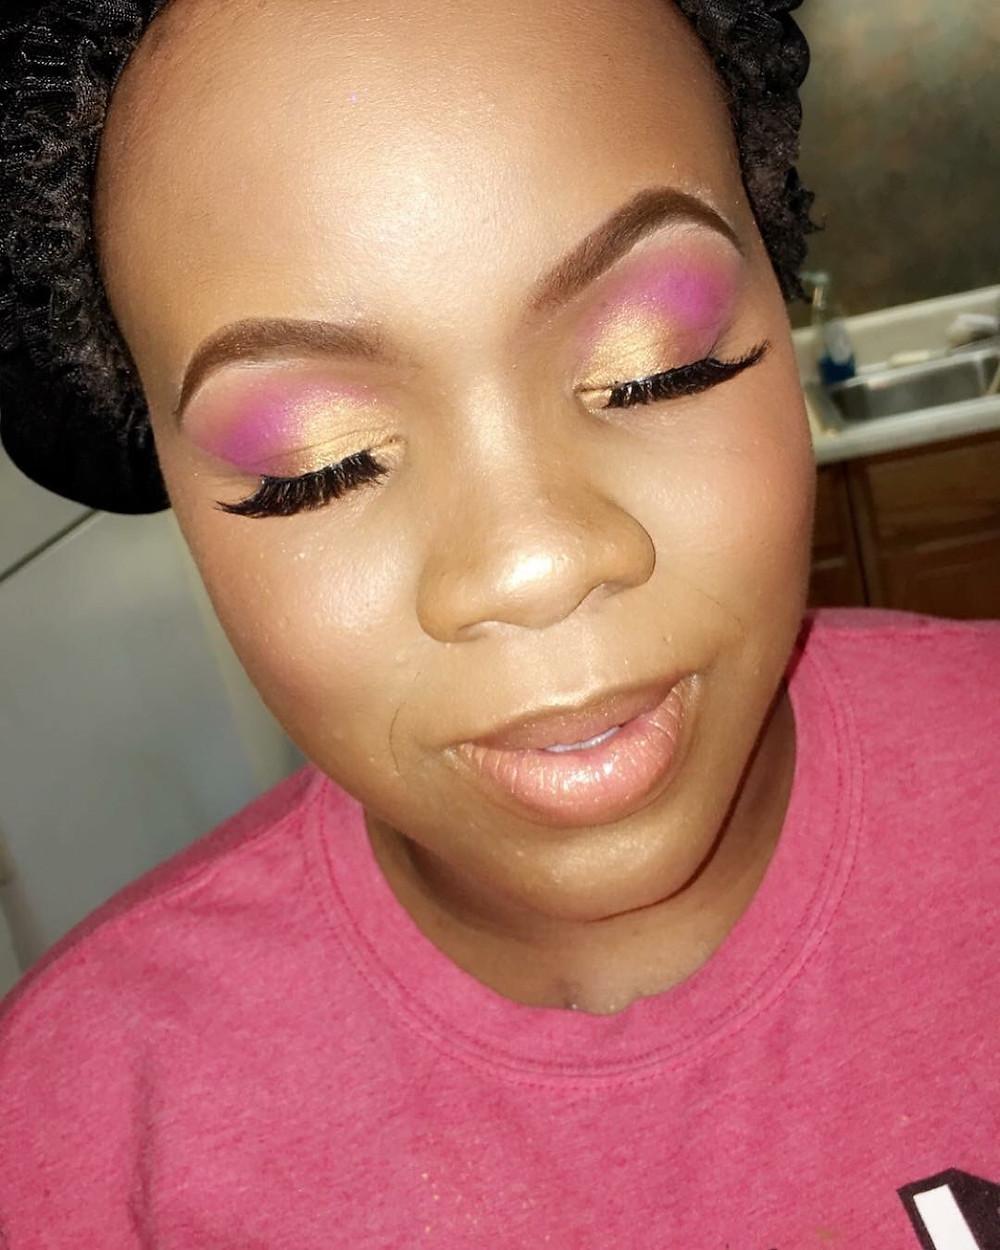 BoojiBEE Makeup using Wet 'n' Wild.